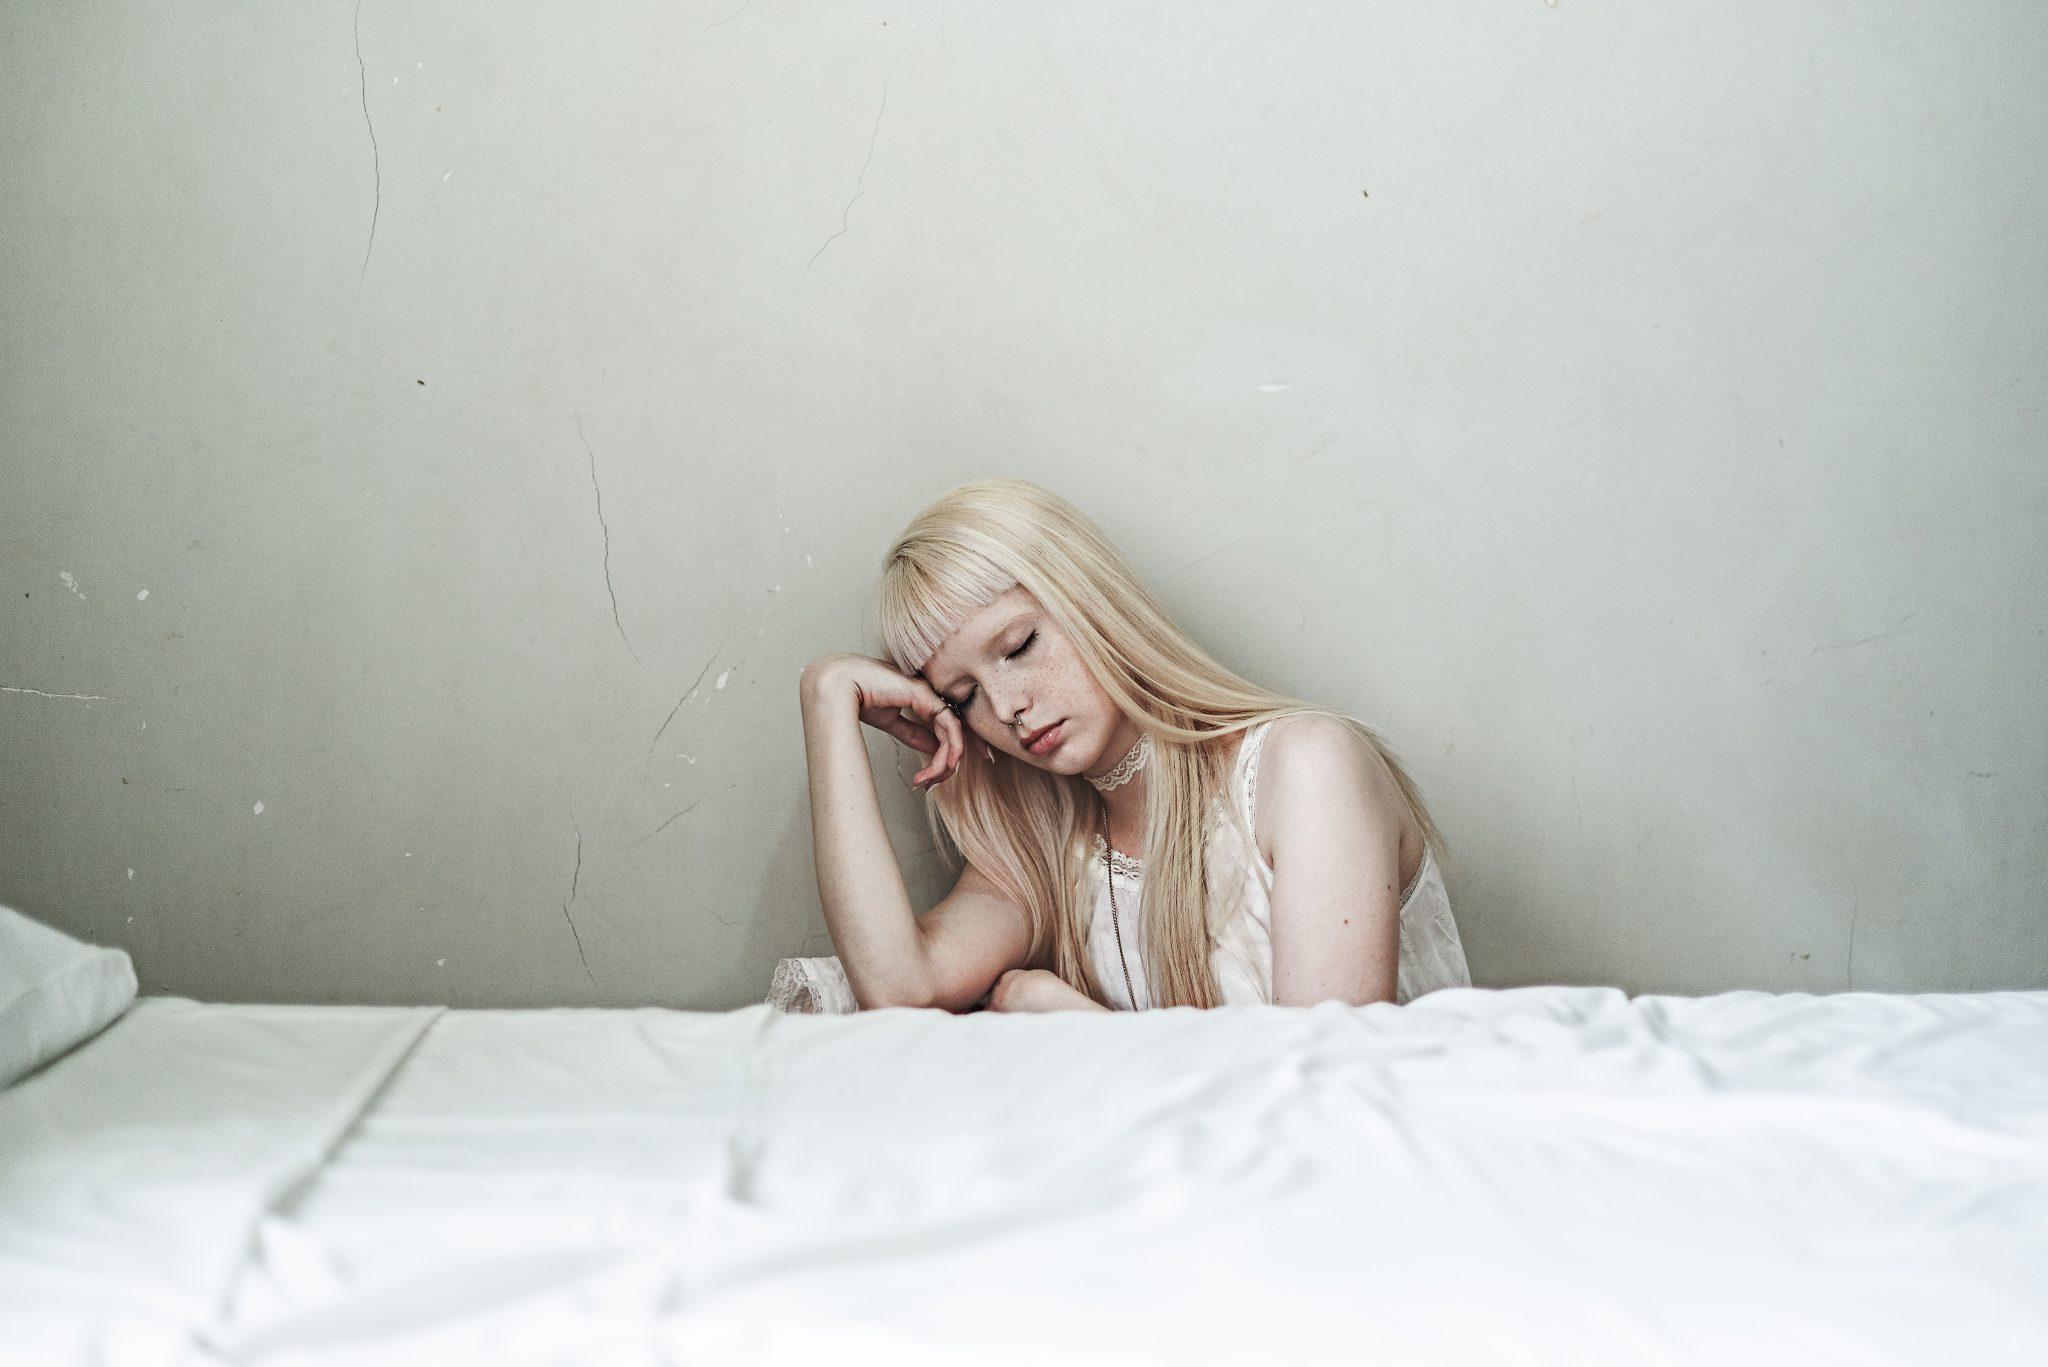 Cierpisz z powodu braku snu? Może to problem genów